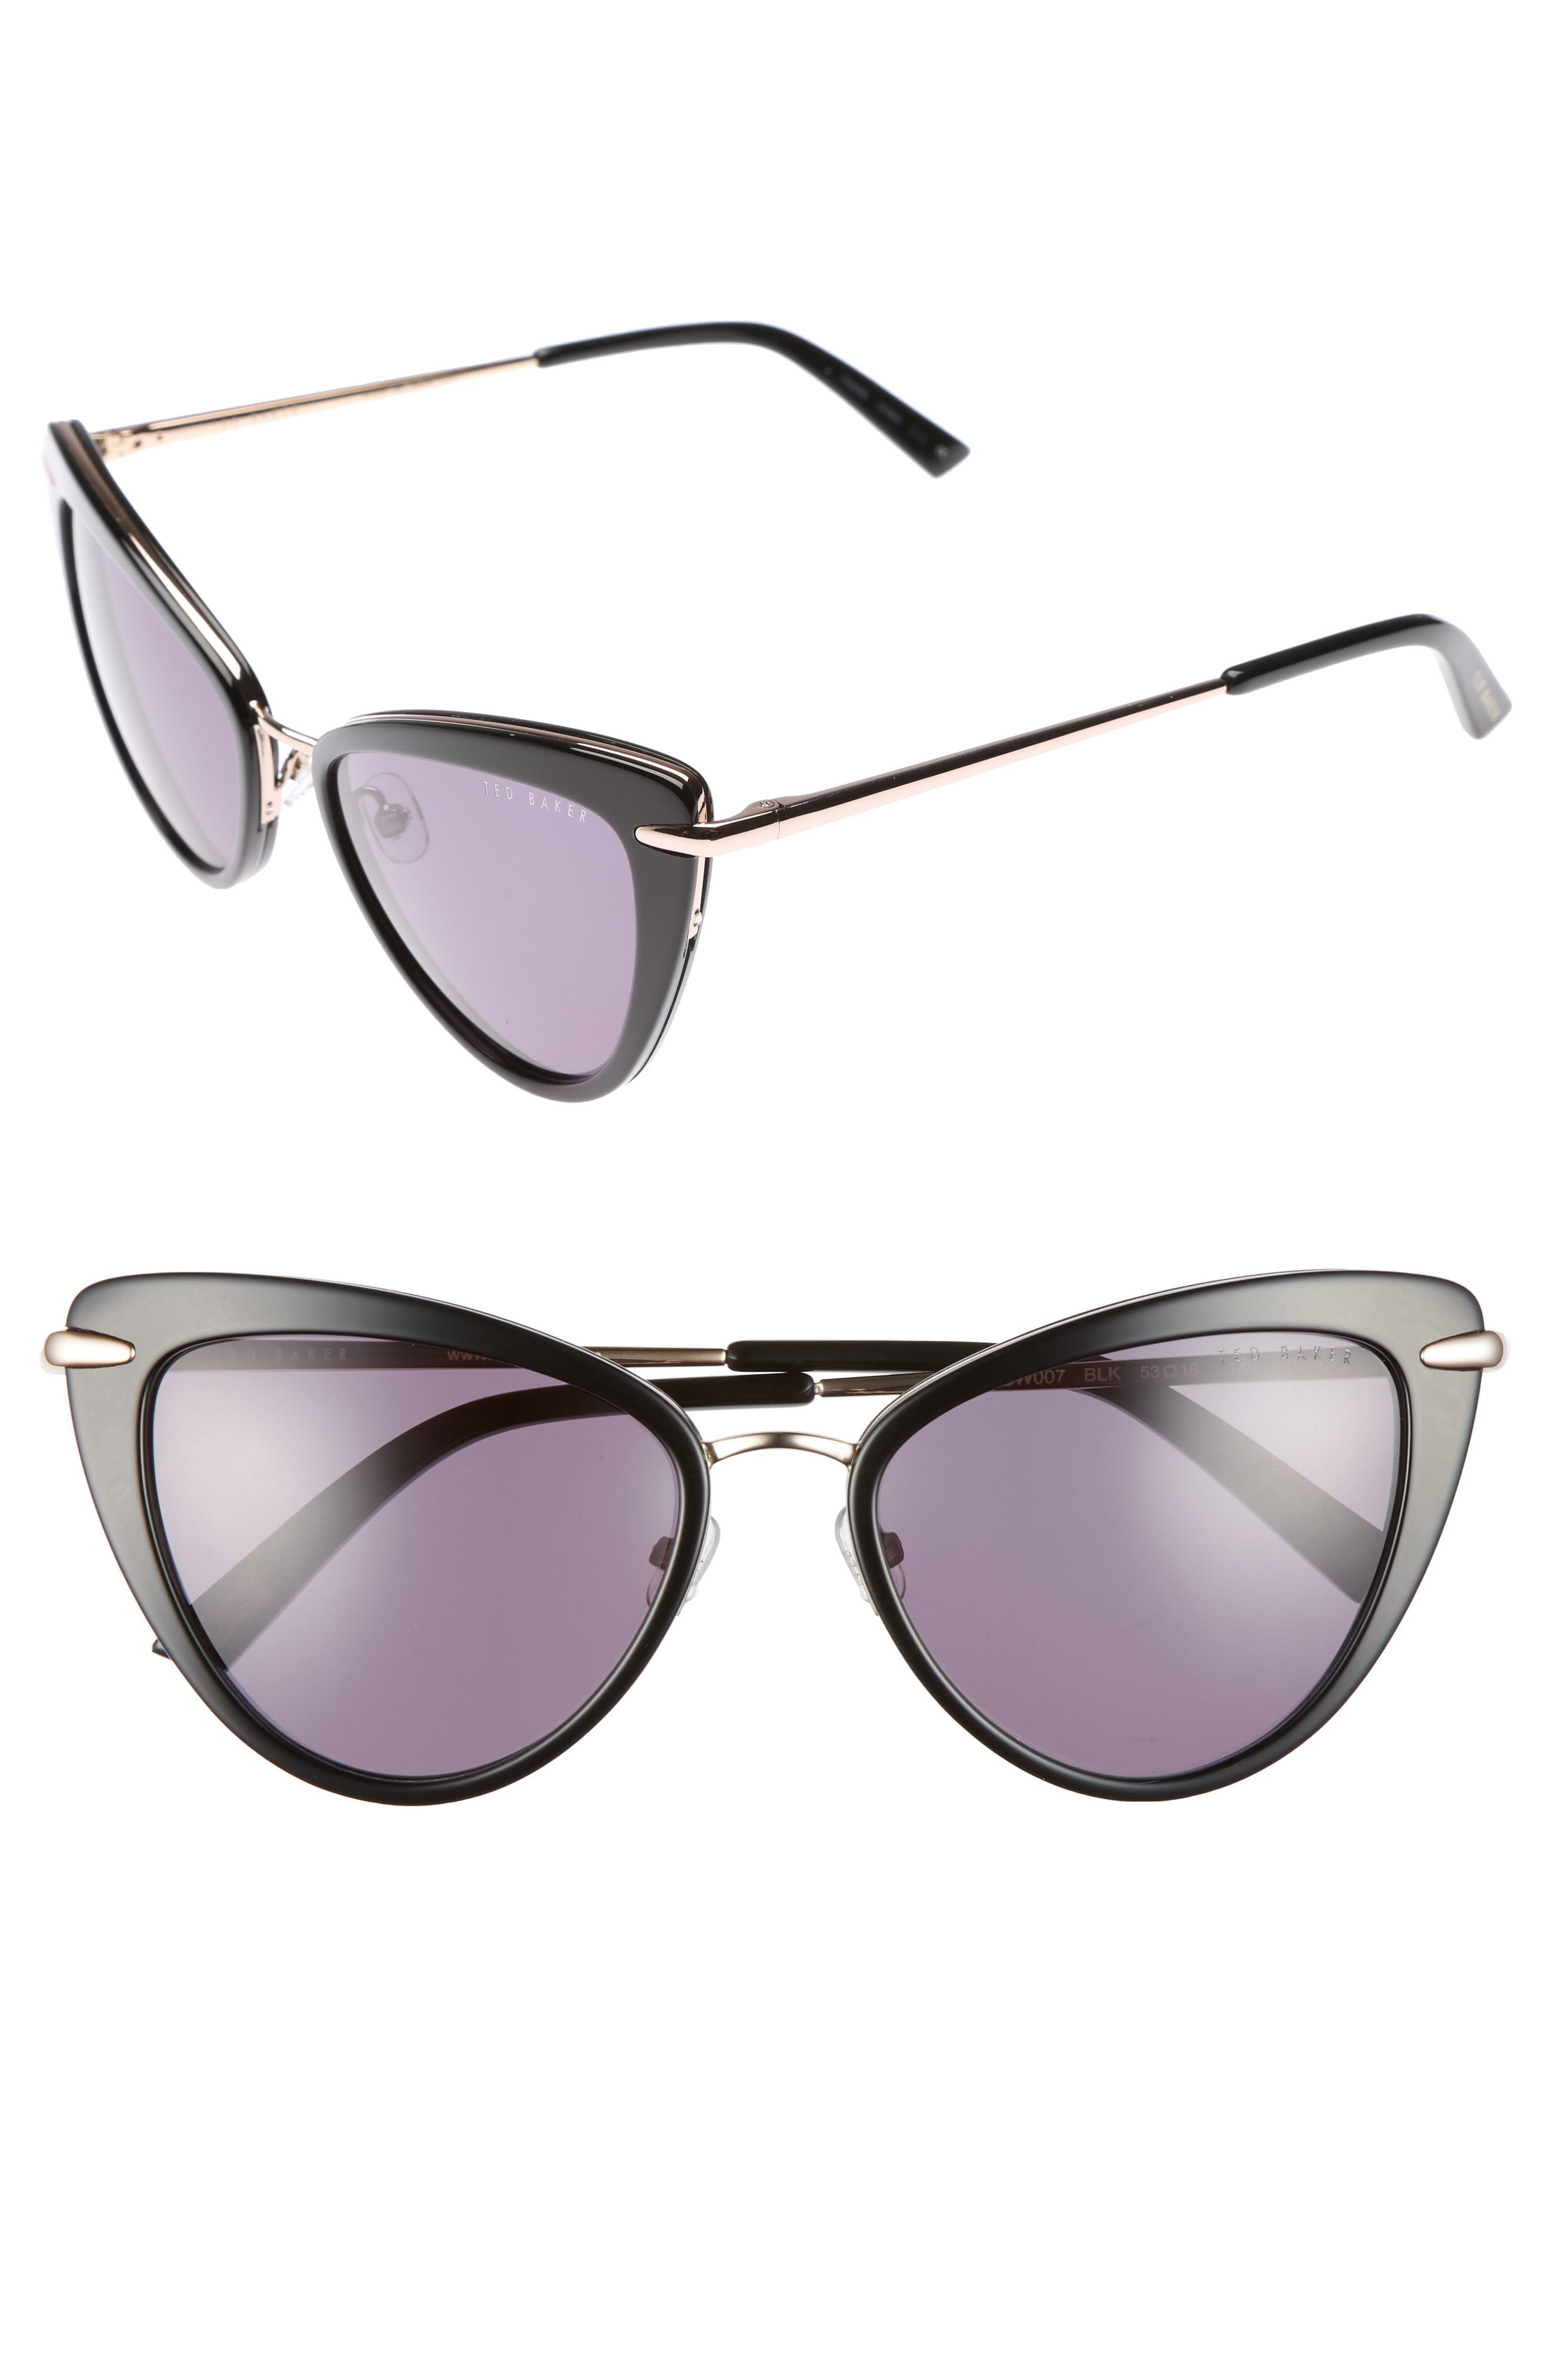 Ted Baker London 53mm Cat Eye Sunglasses